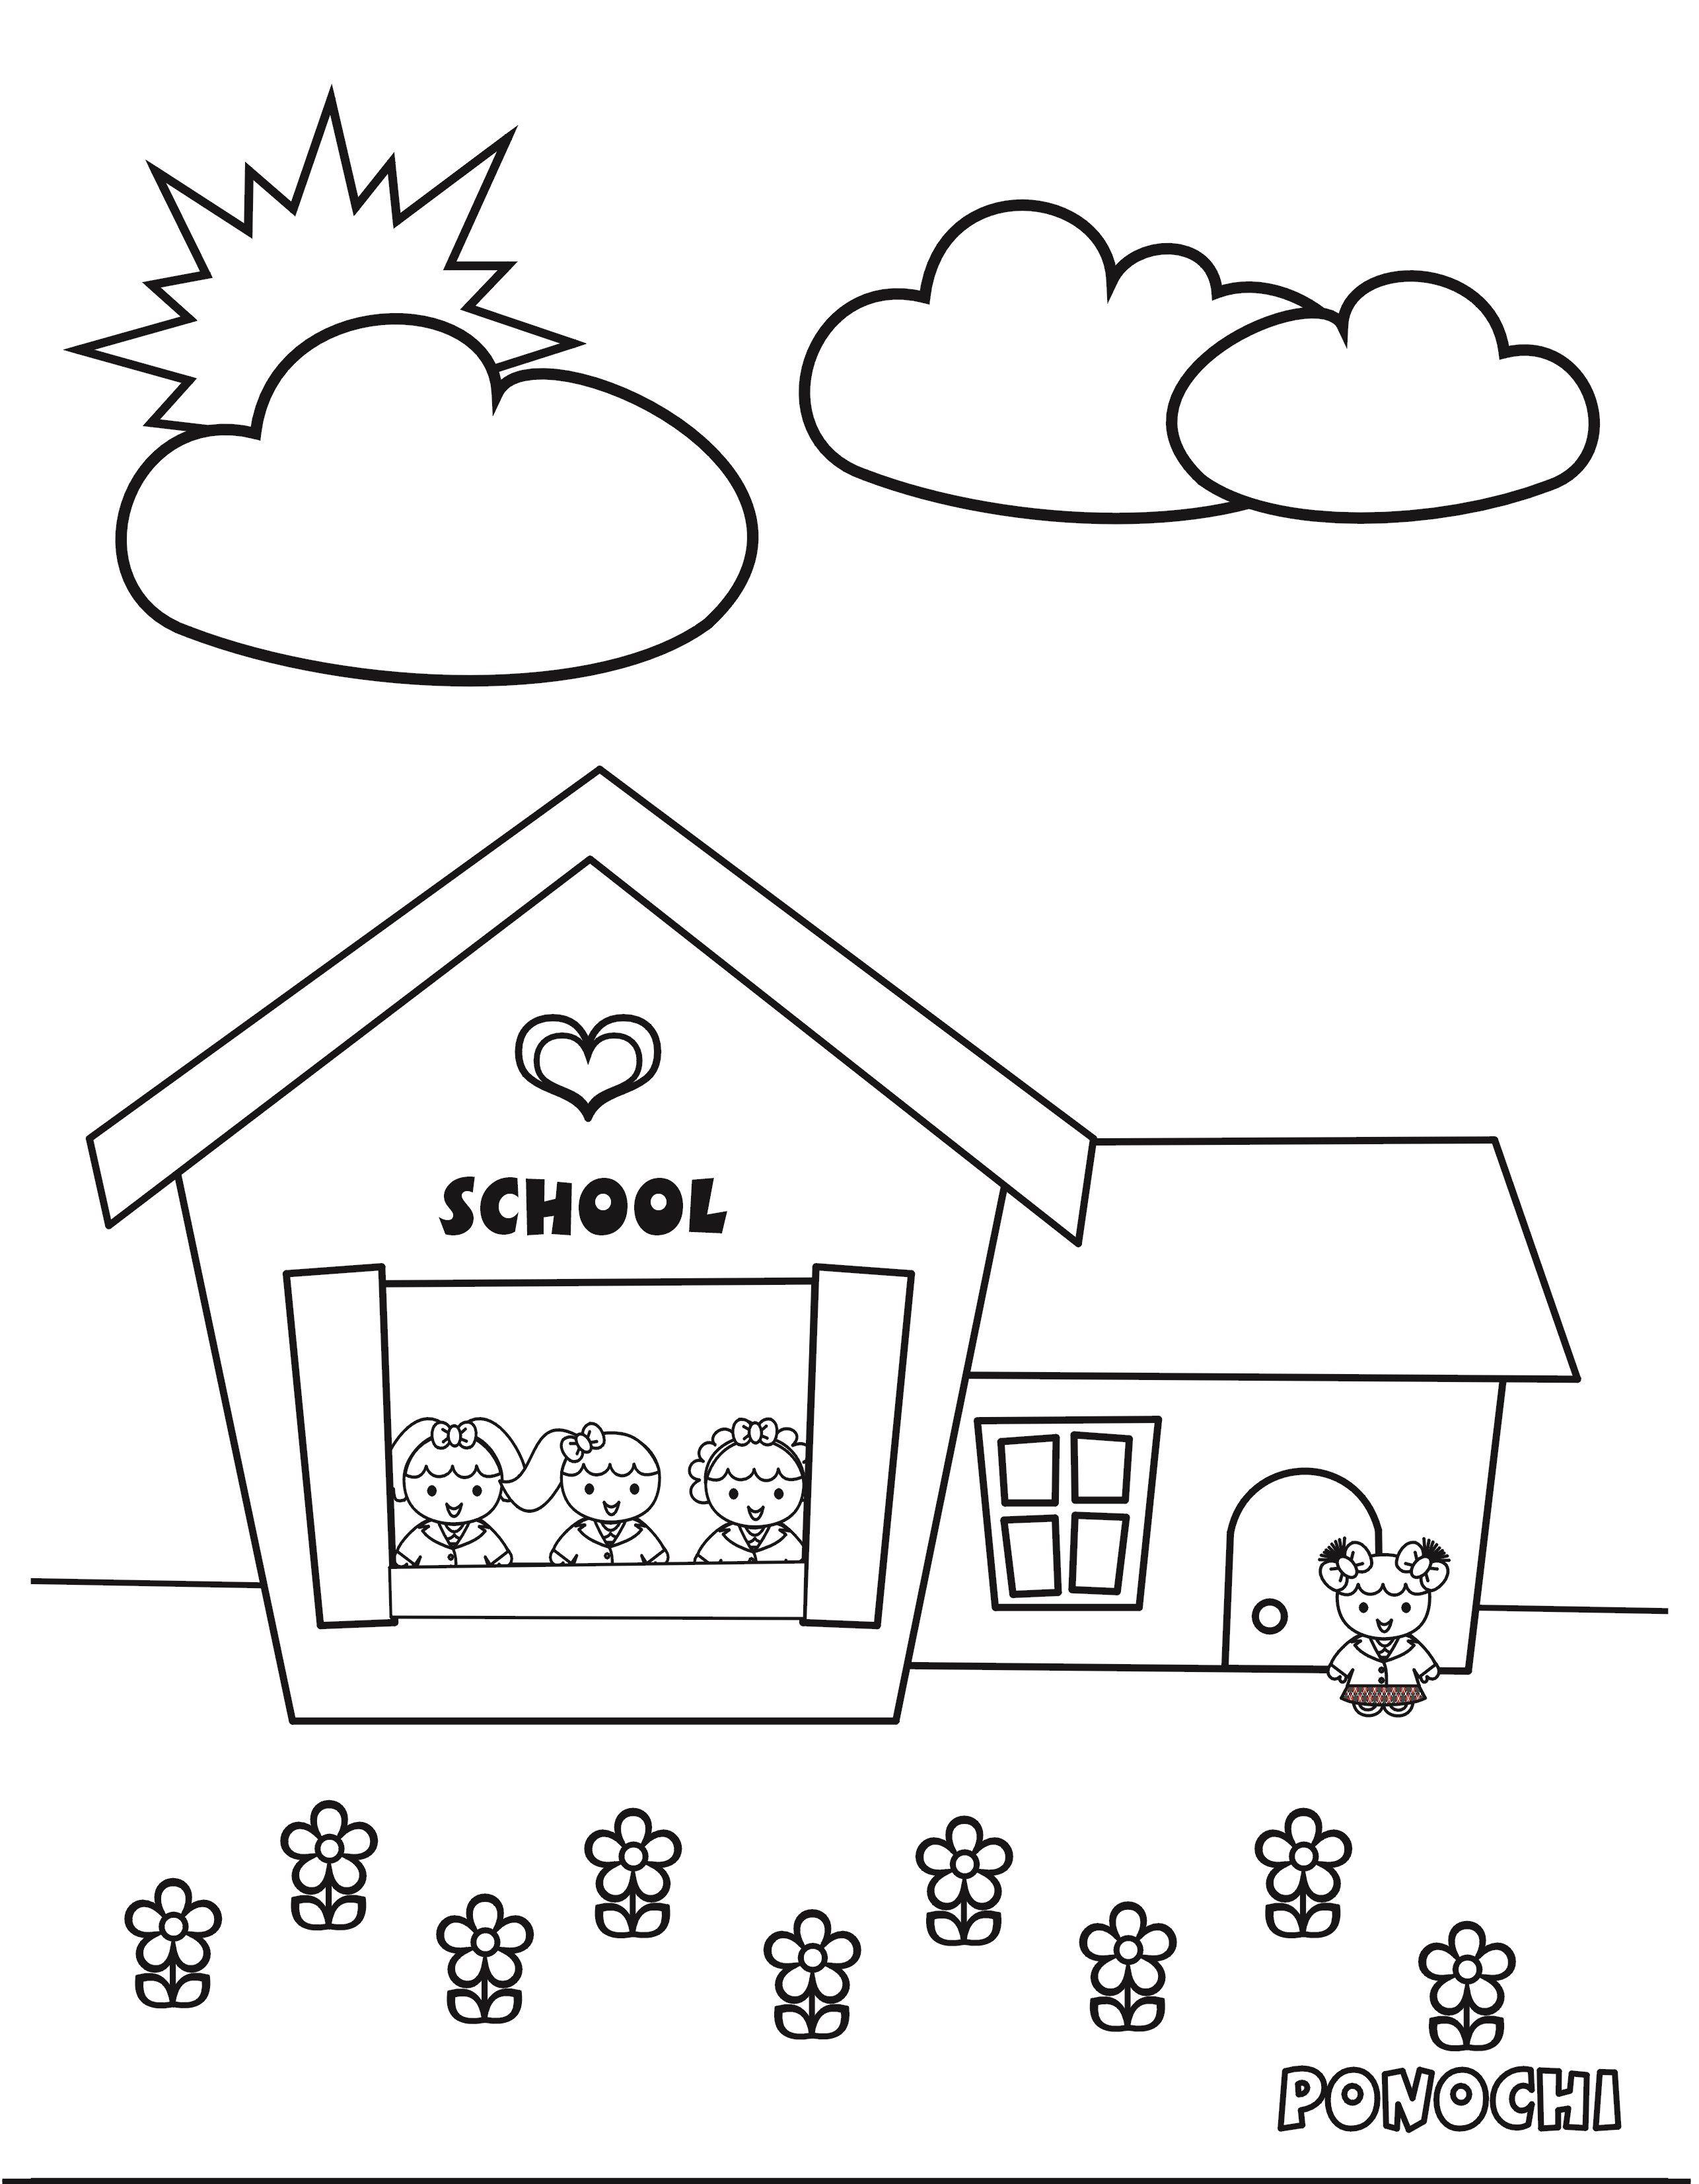 School Ponochi Para Colorear